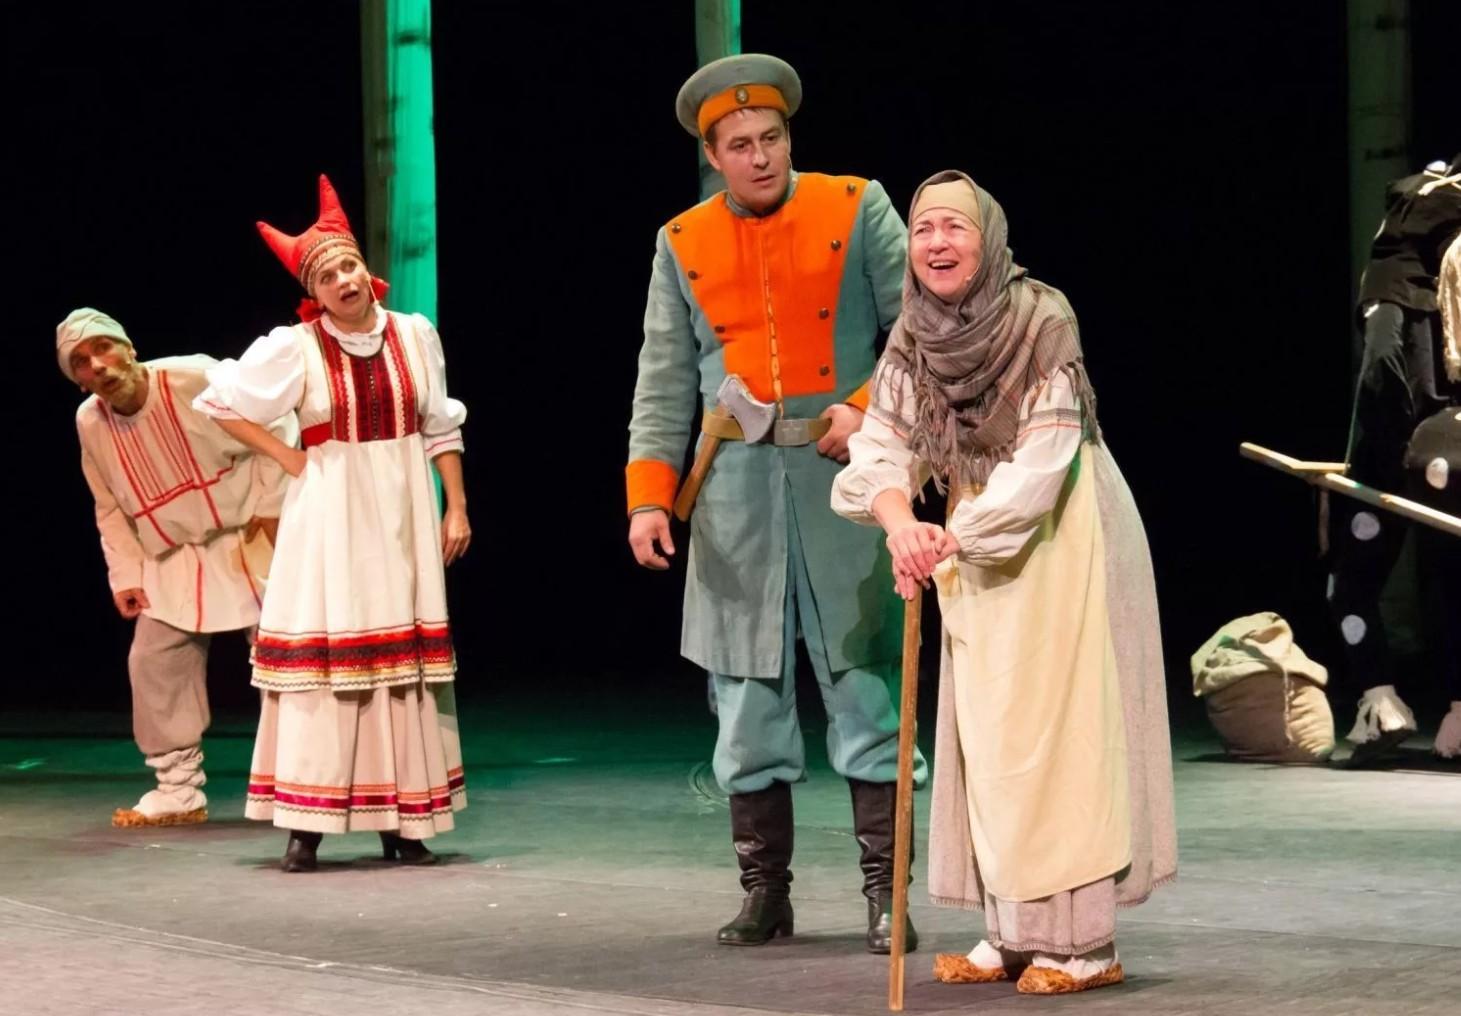 Волгоградский театр Юного зрителя знают практически все. История и настоящее.